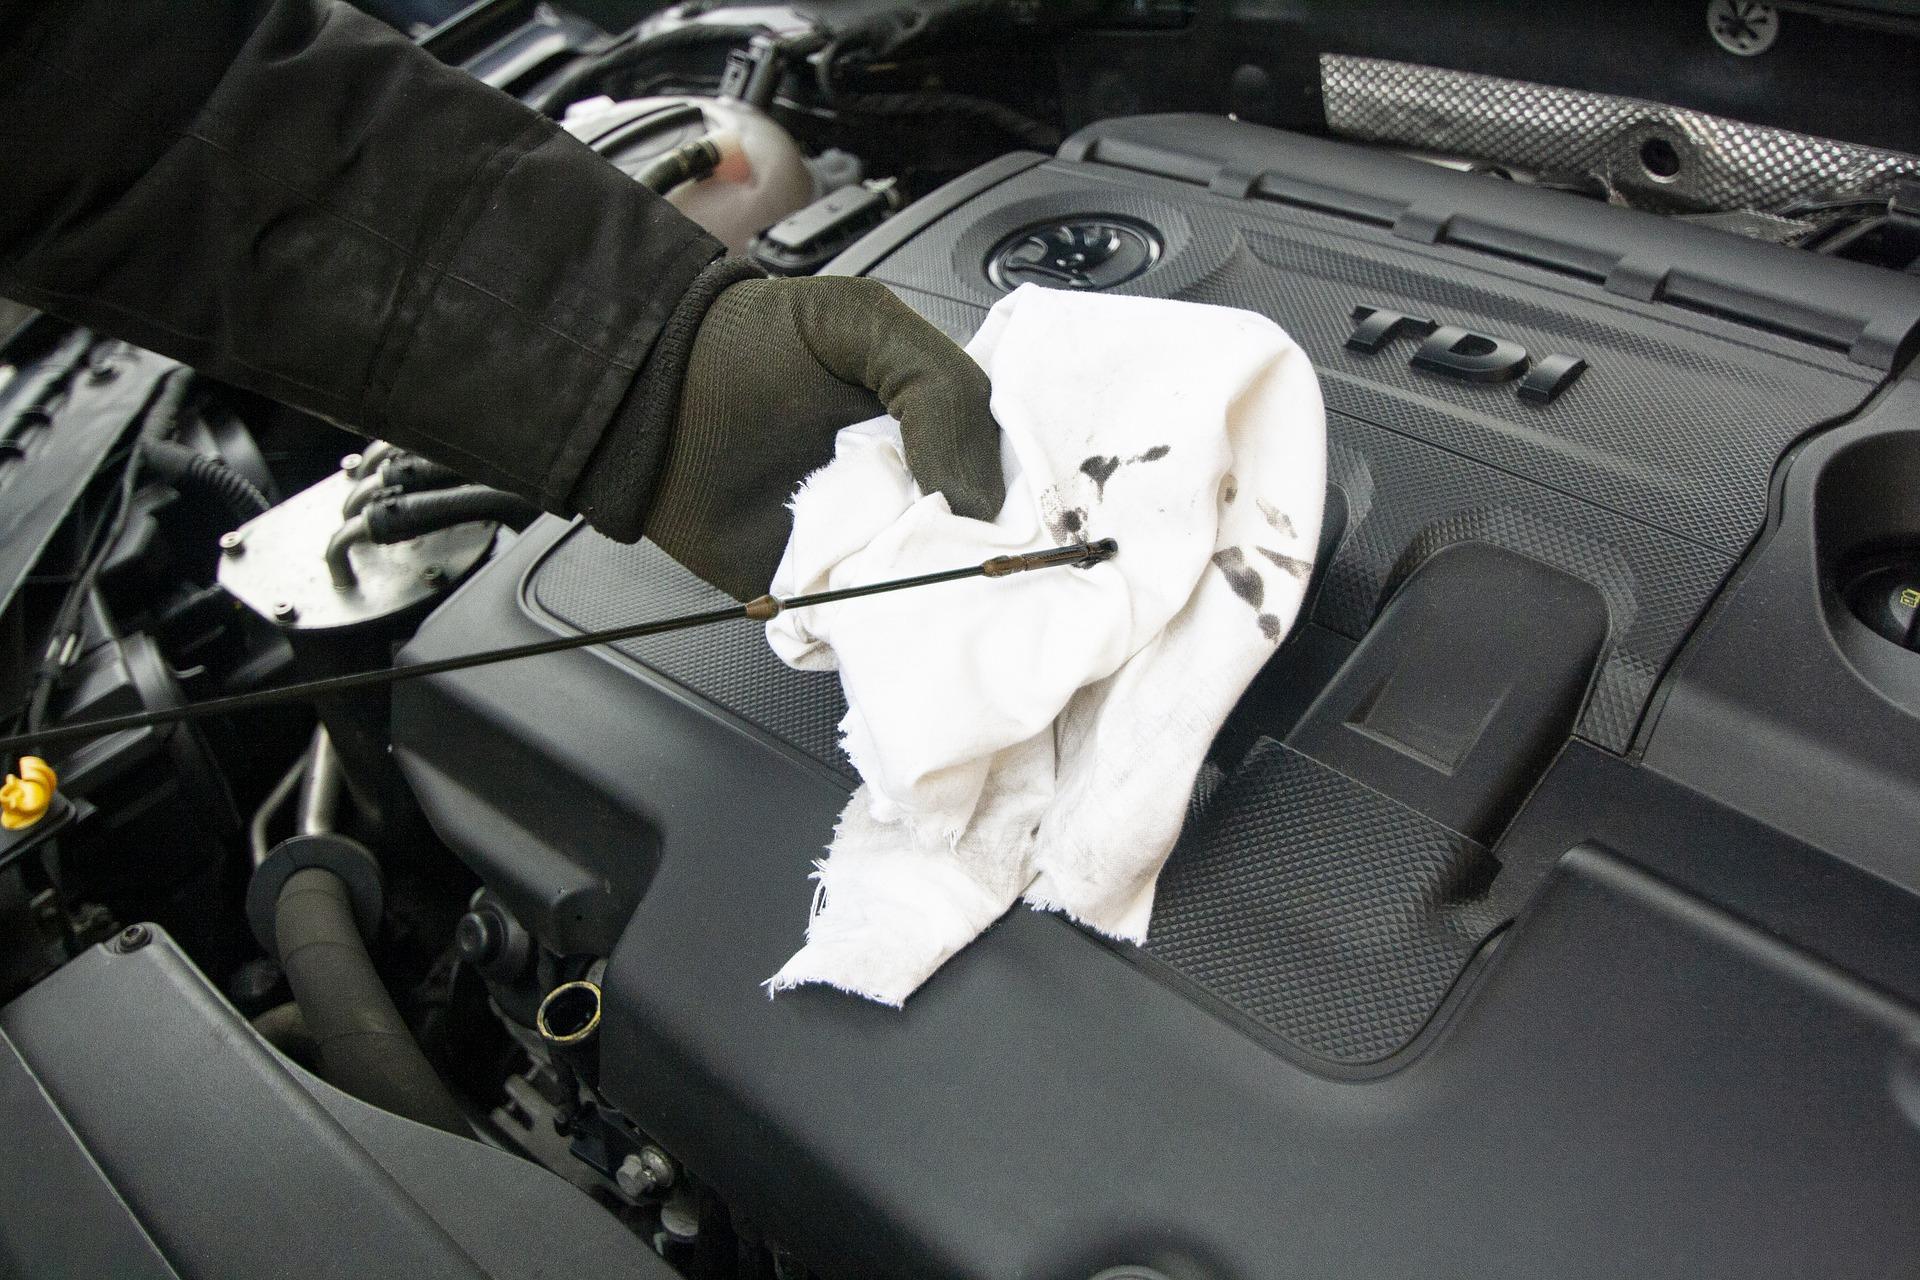 Wymiana oleju w samochodzie jeszcze droższa  - Zdjęcie główne